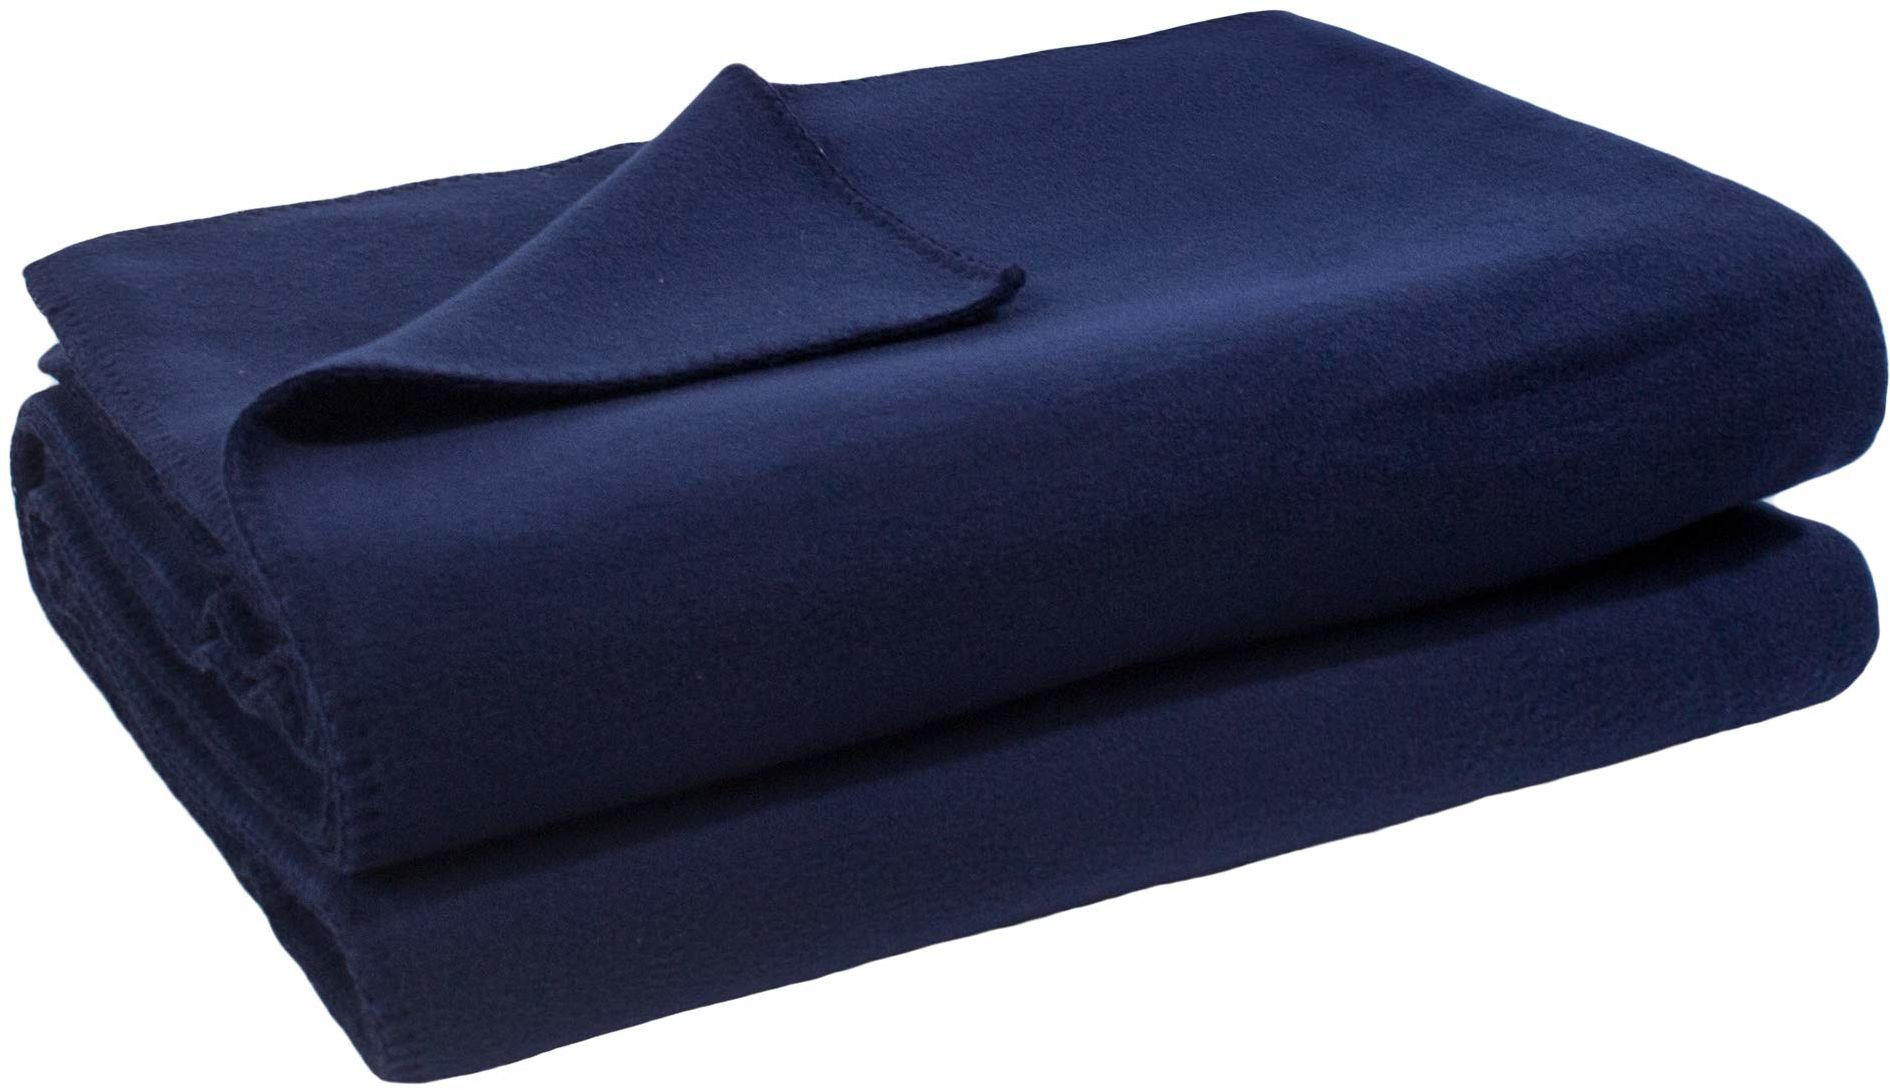 zoeppritz since 1828'' miękki koc polarowy z haftem szydełkowym  puszysty koc do przytulania  160 x 200 cm  595 dark marina, 103291-595-160x200